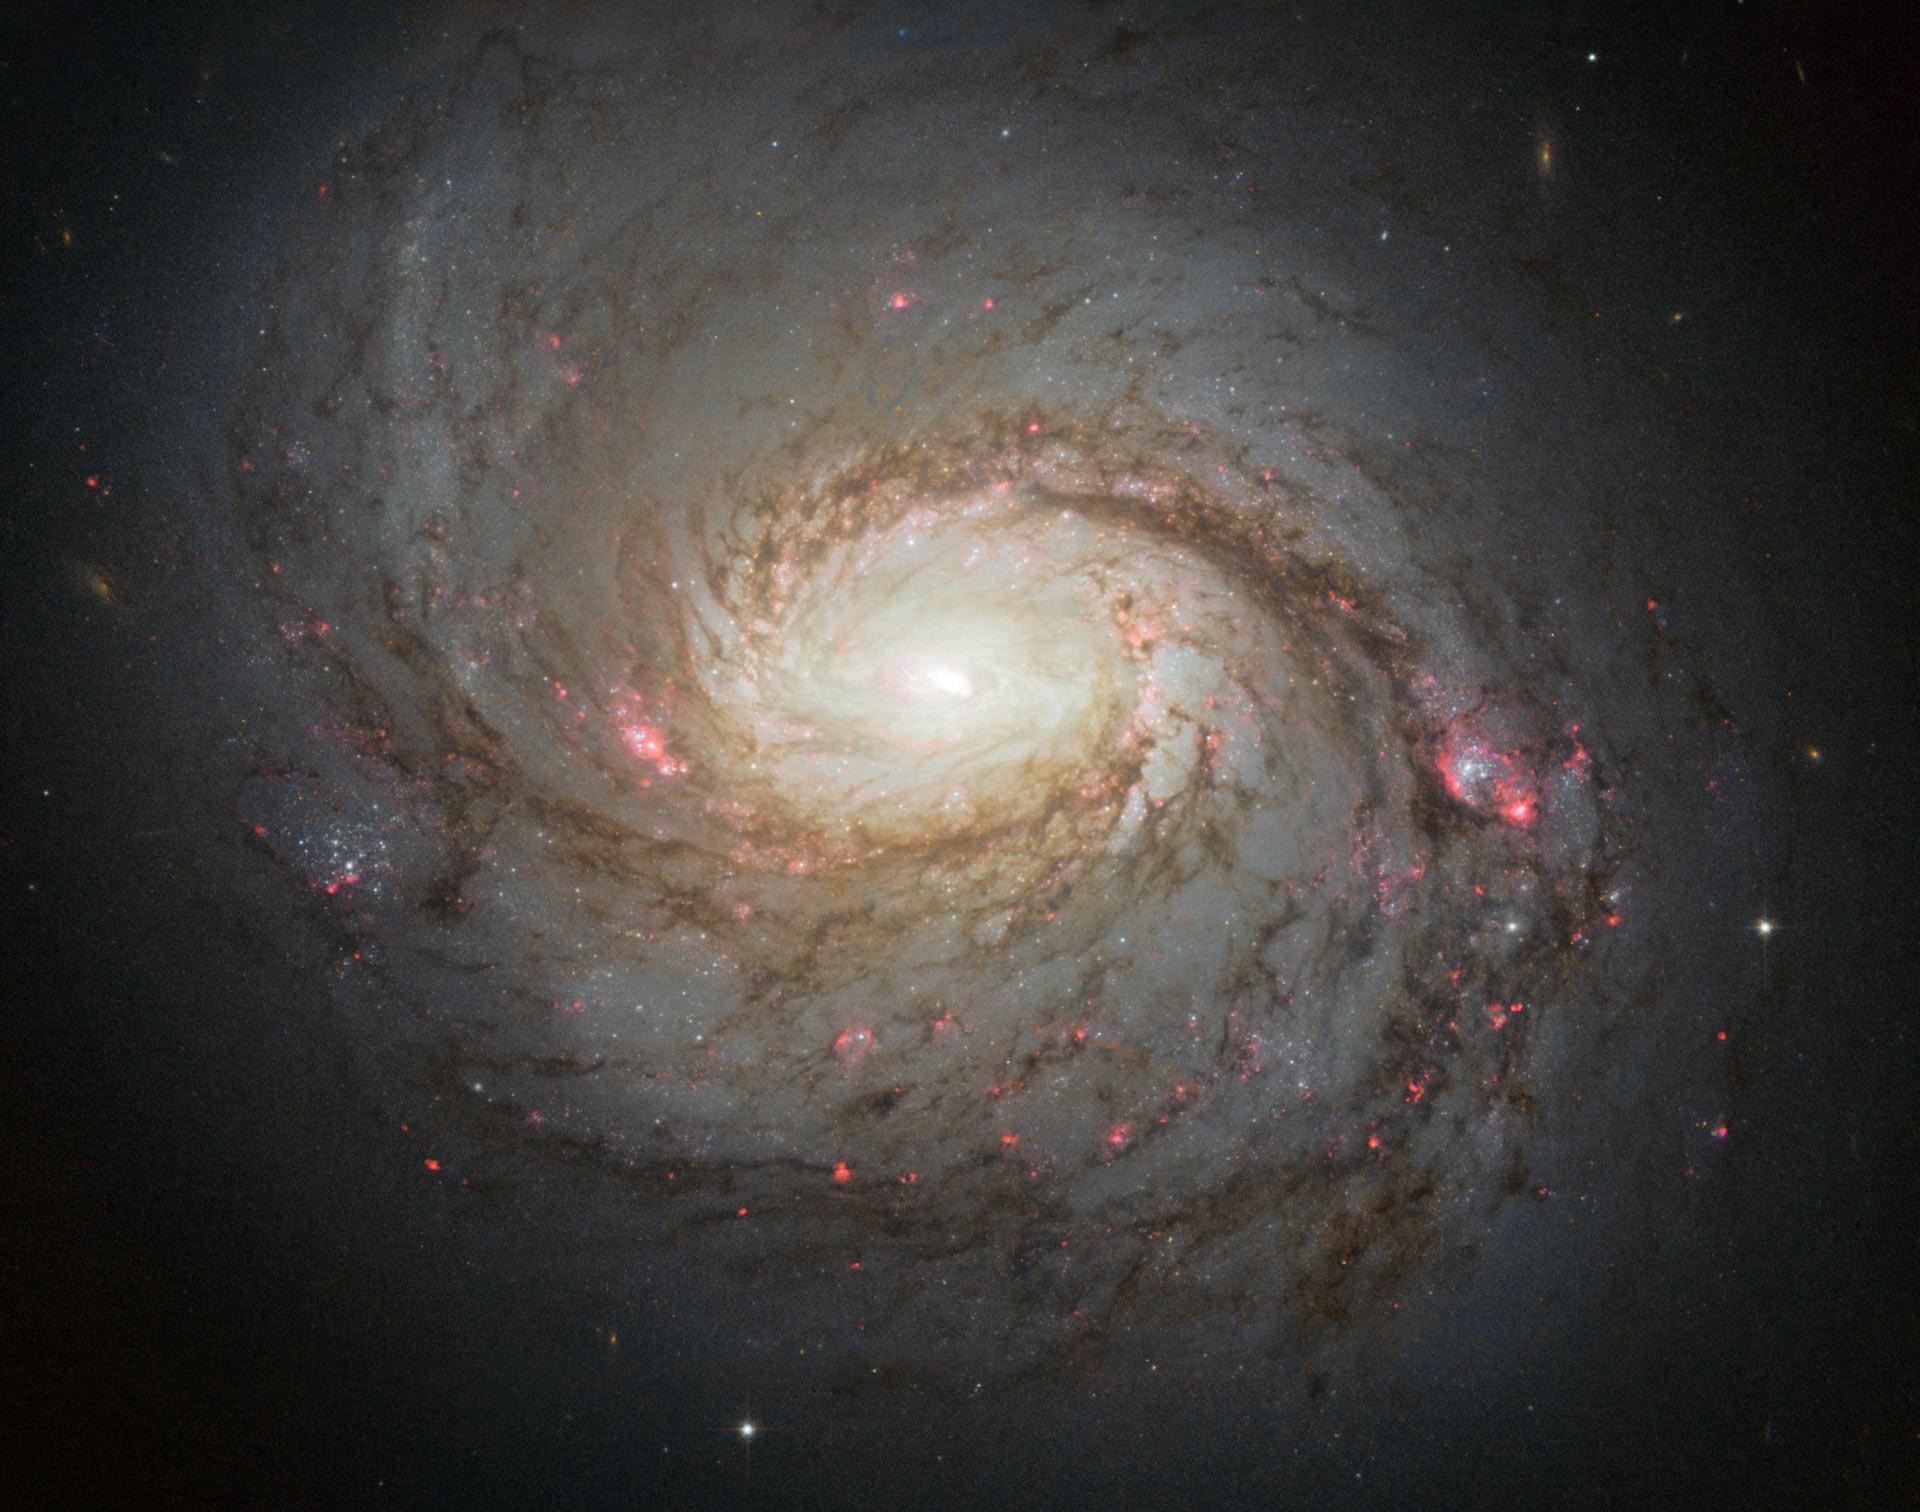 Telescópio Hubble enxerga a galáxia espiral com núcleo ativo NGC 1068 (Foto: NASA/ESA/A. van der Hoeven)